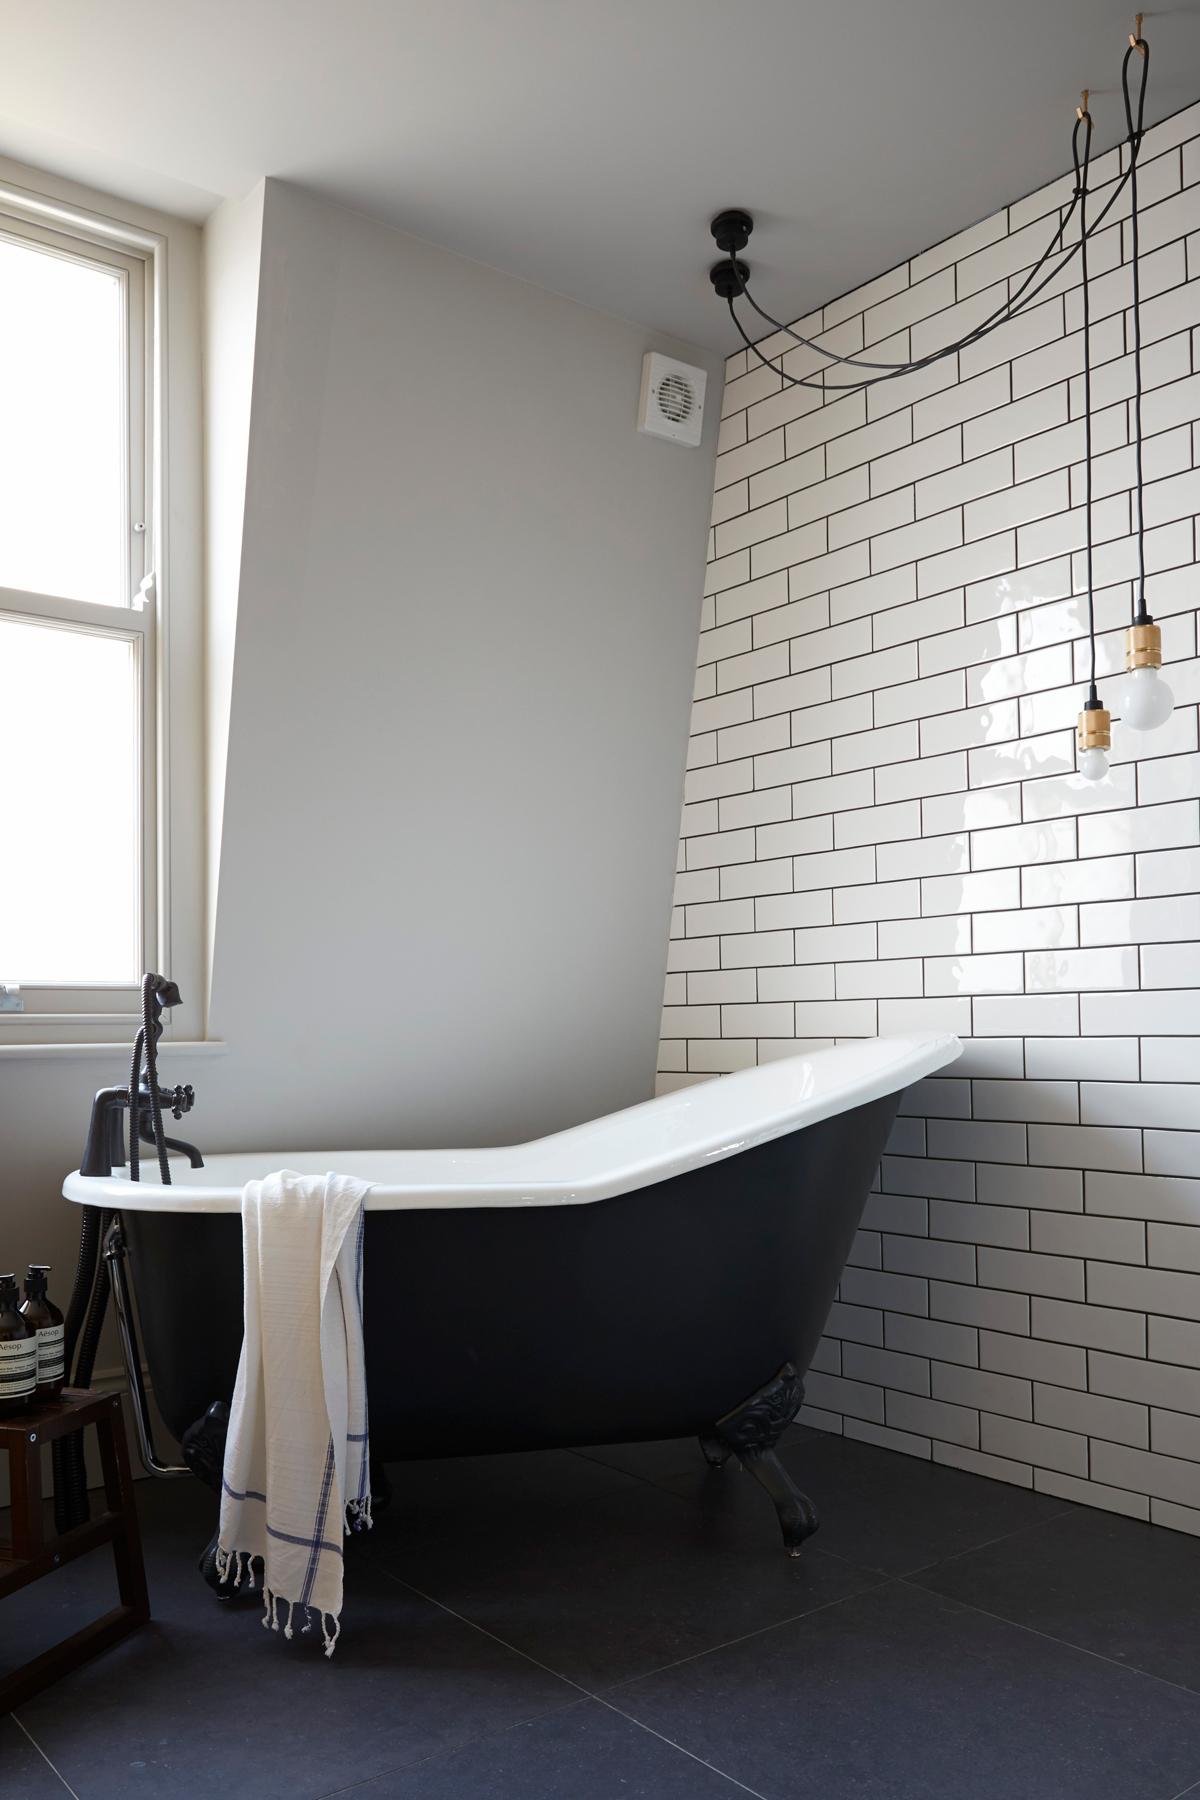 maison de ville à londres salle de bain baignoire noire faïence carreaux de ciment blanc robinet noir - blog déco - clemaroundthecorner